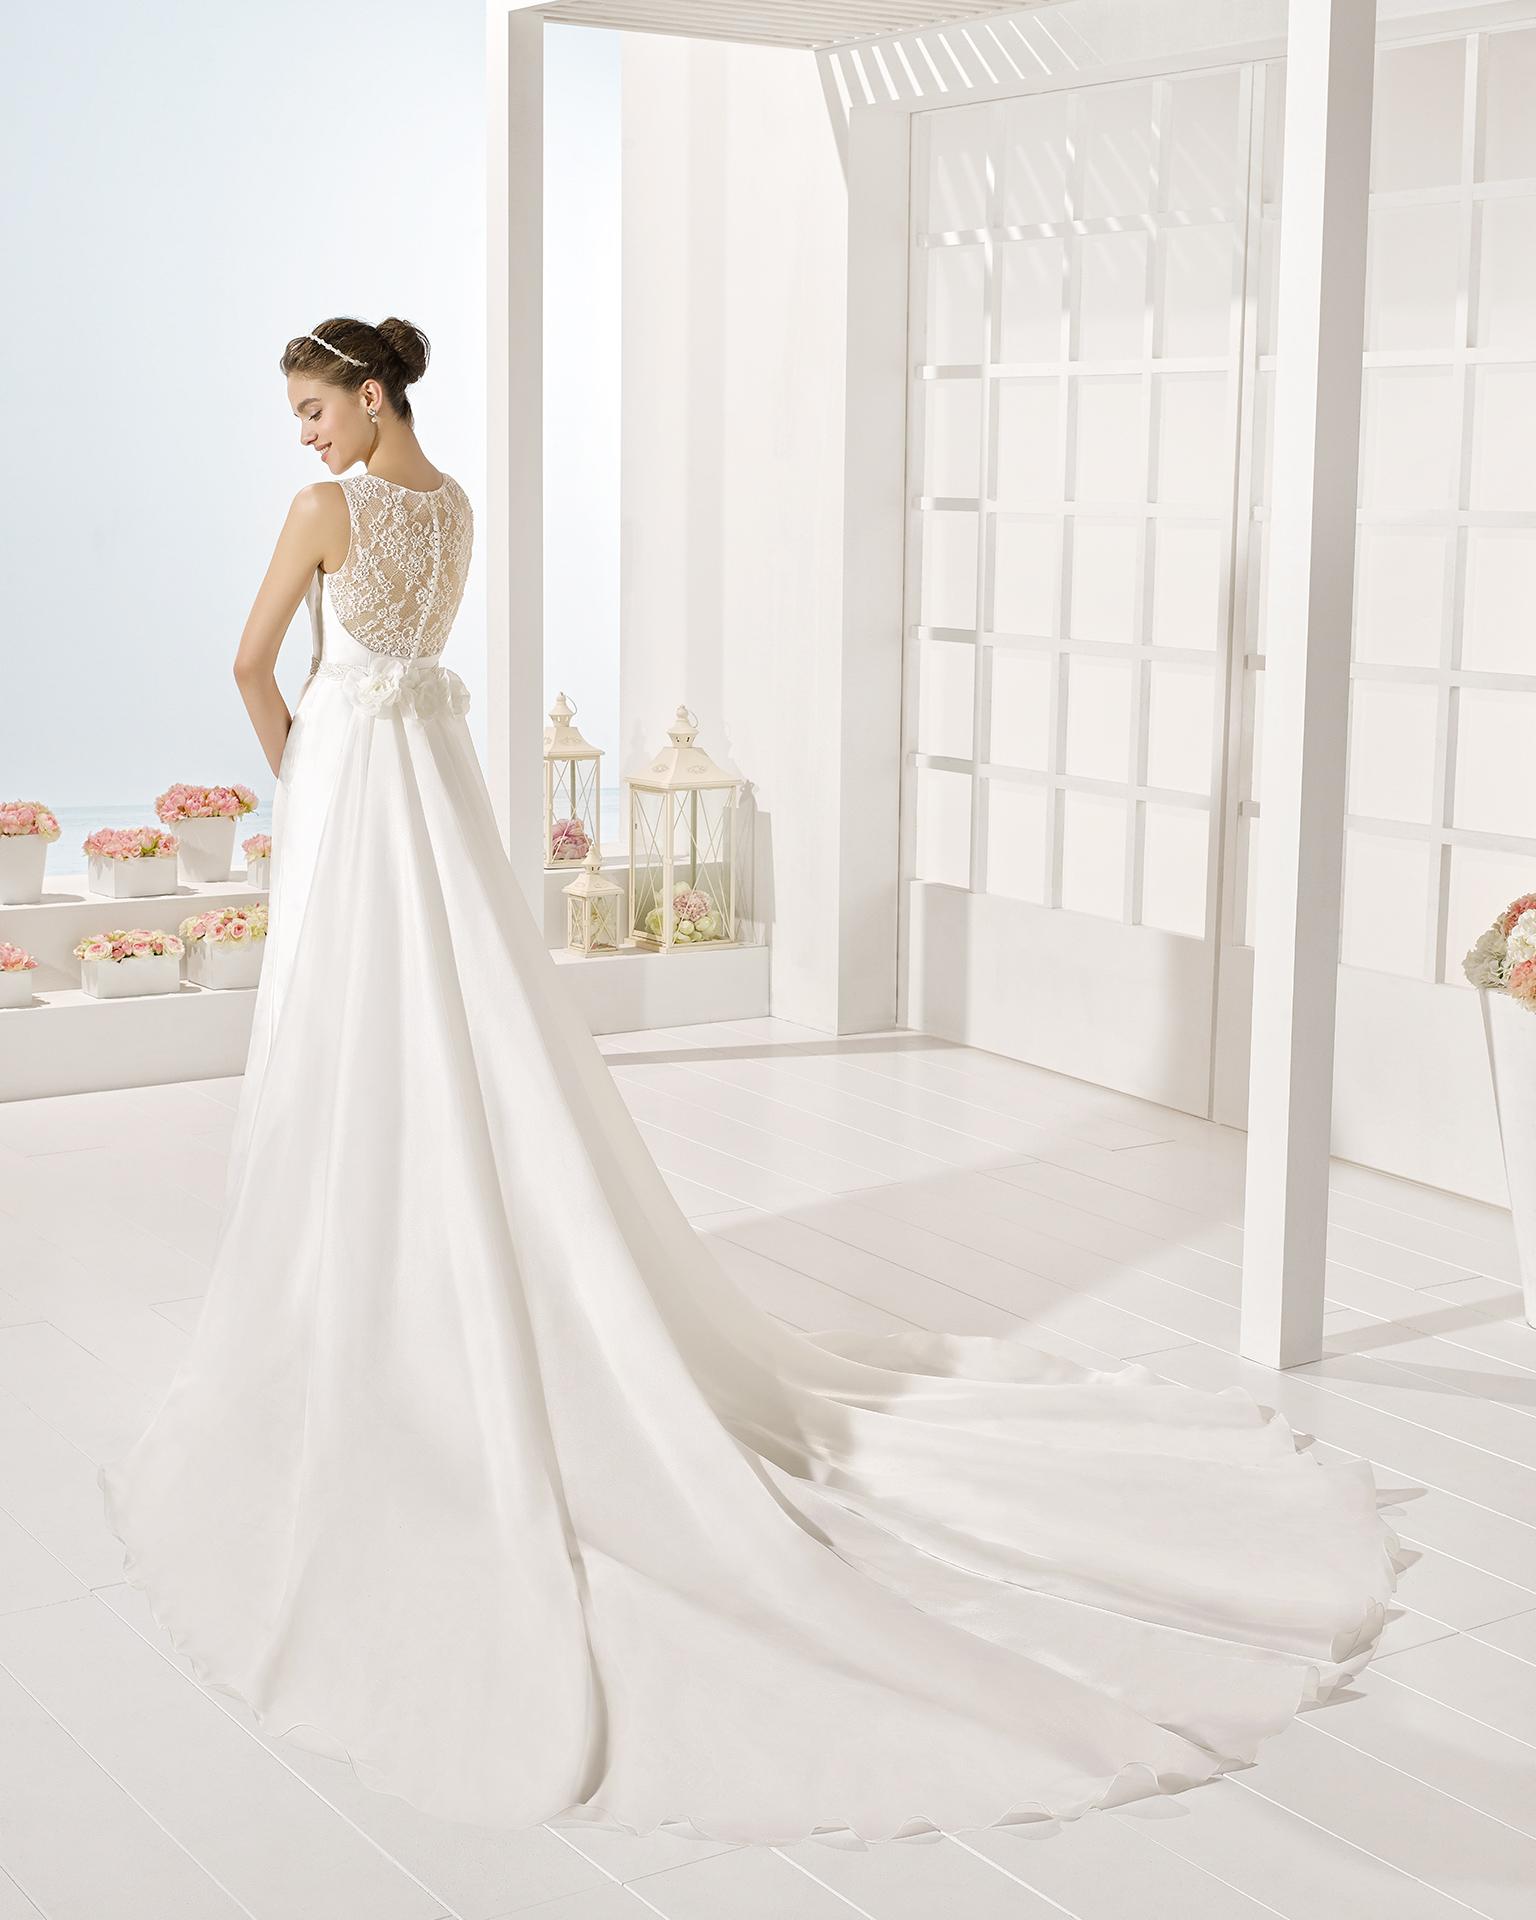 Yure wedding dress, Luna Novias 2017